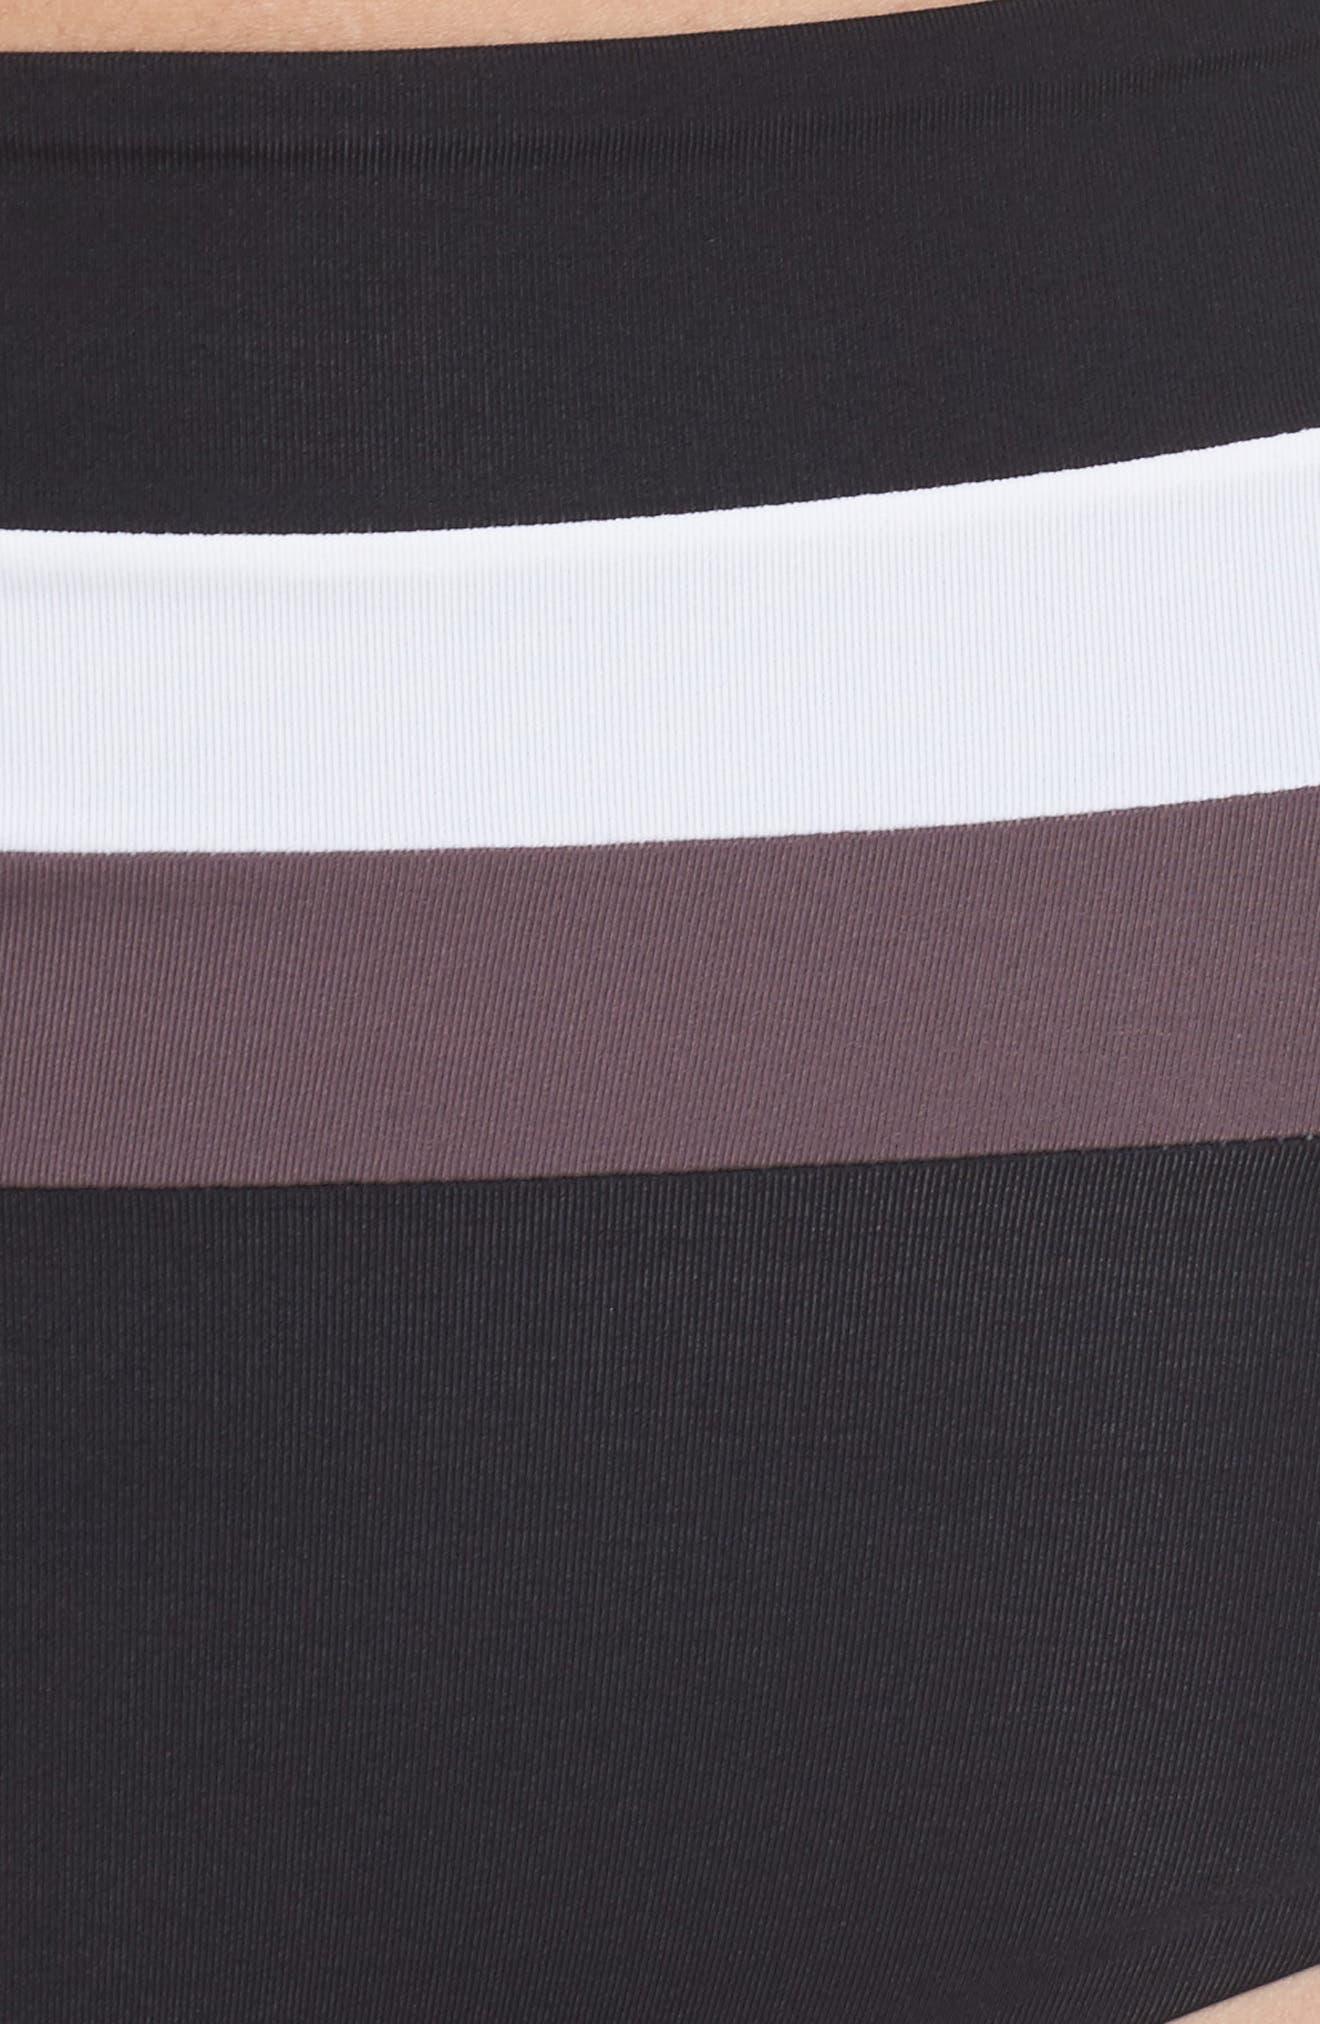 Portia Reversible Colorblock Bikini Bottoms,                             Alternate thumbnail 14, color,